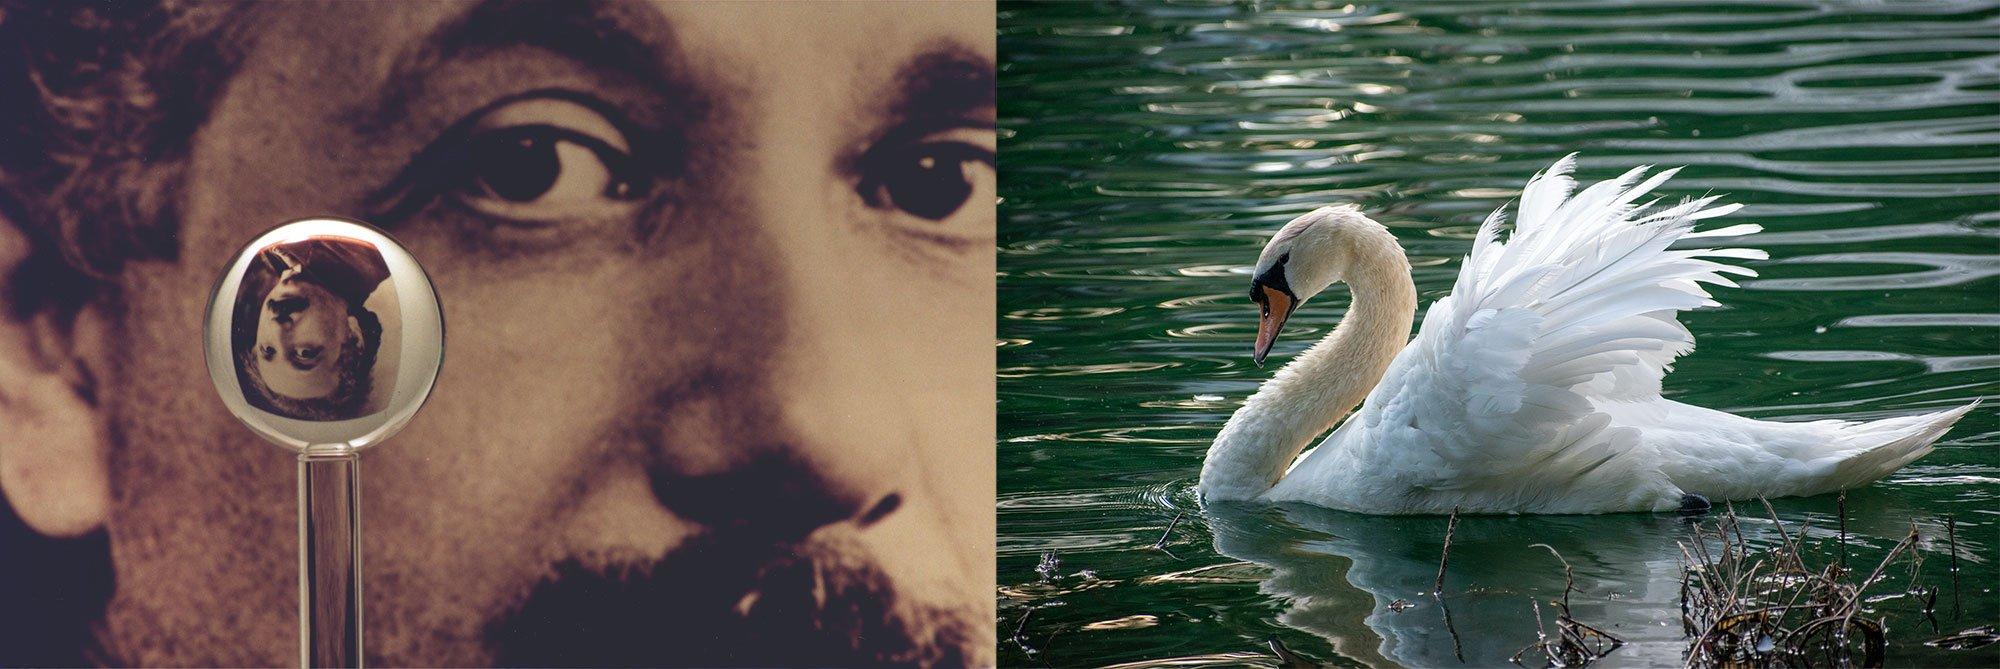 Einstein and the Swan